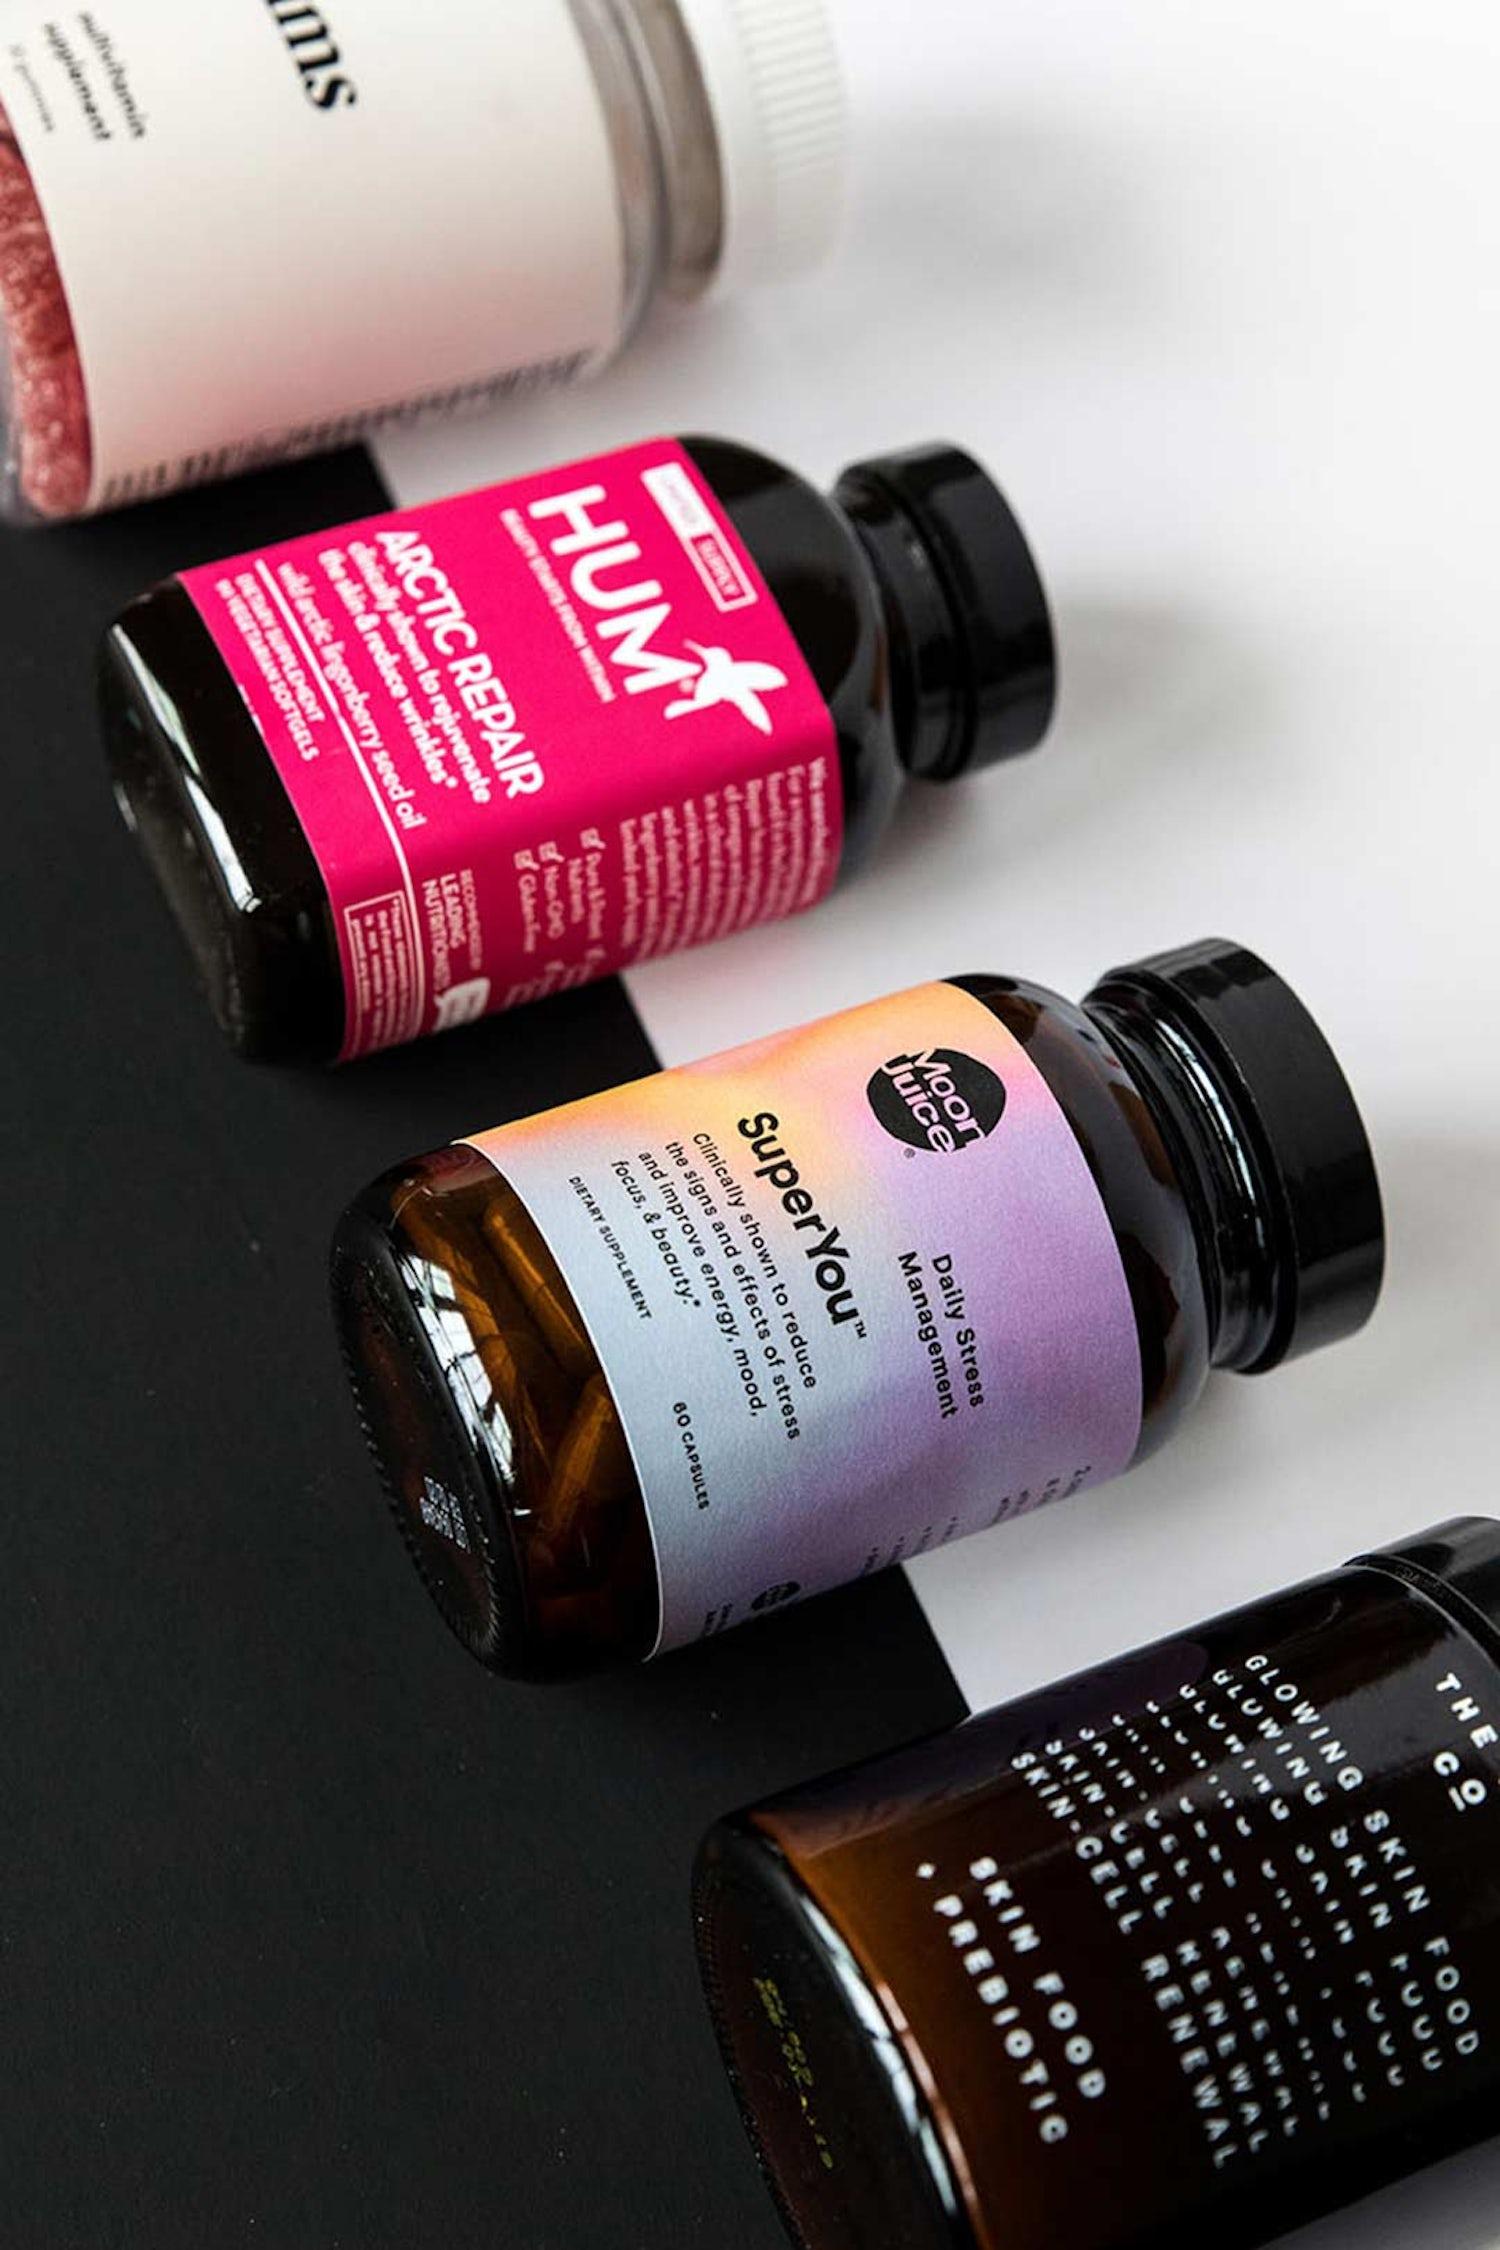 skin vitamins grooming